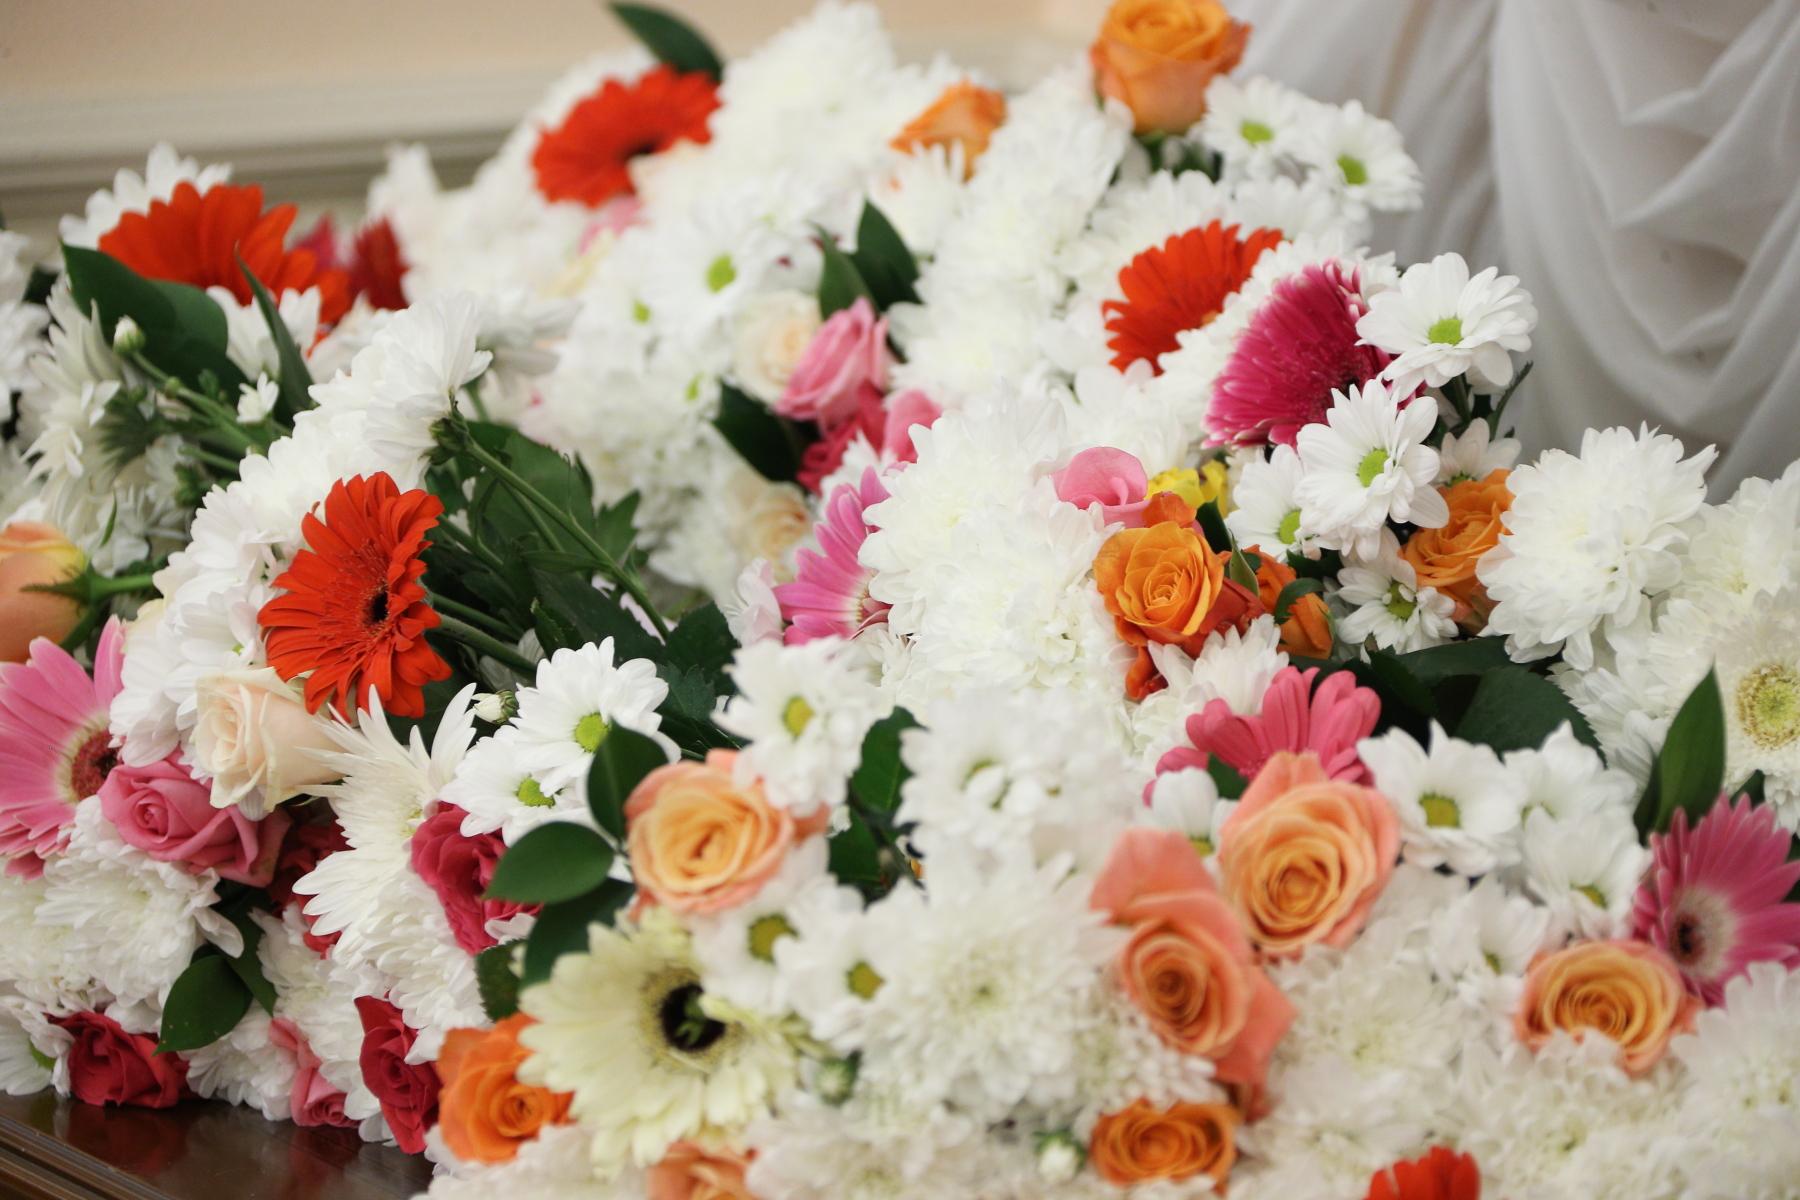 Сегодня, пятого октября, в России отмечают замечательный праздник - День учителя. По этому случаю